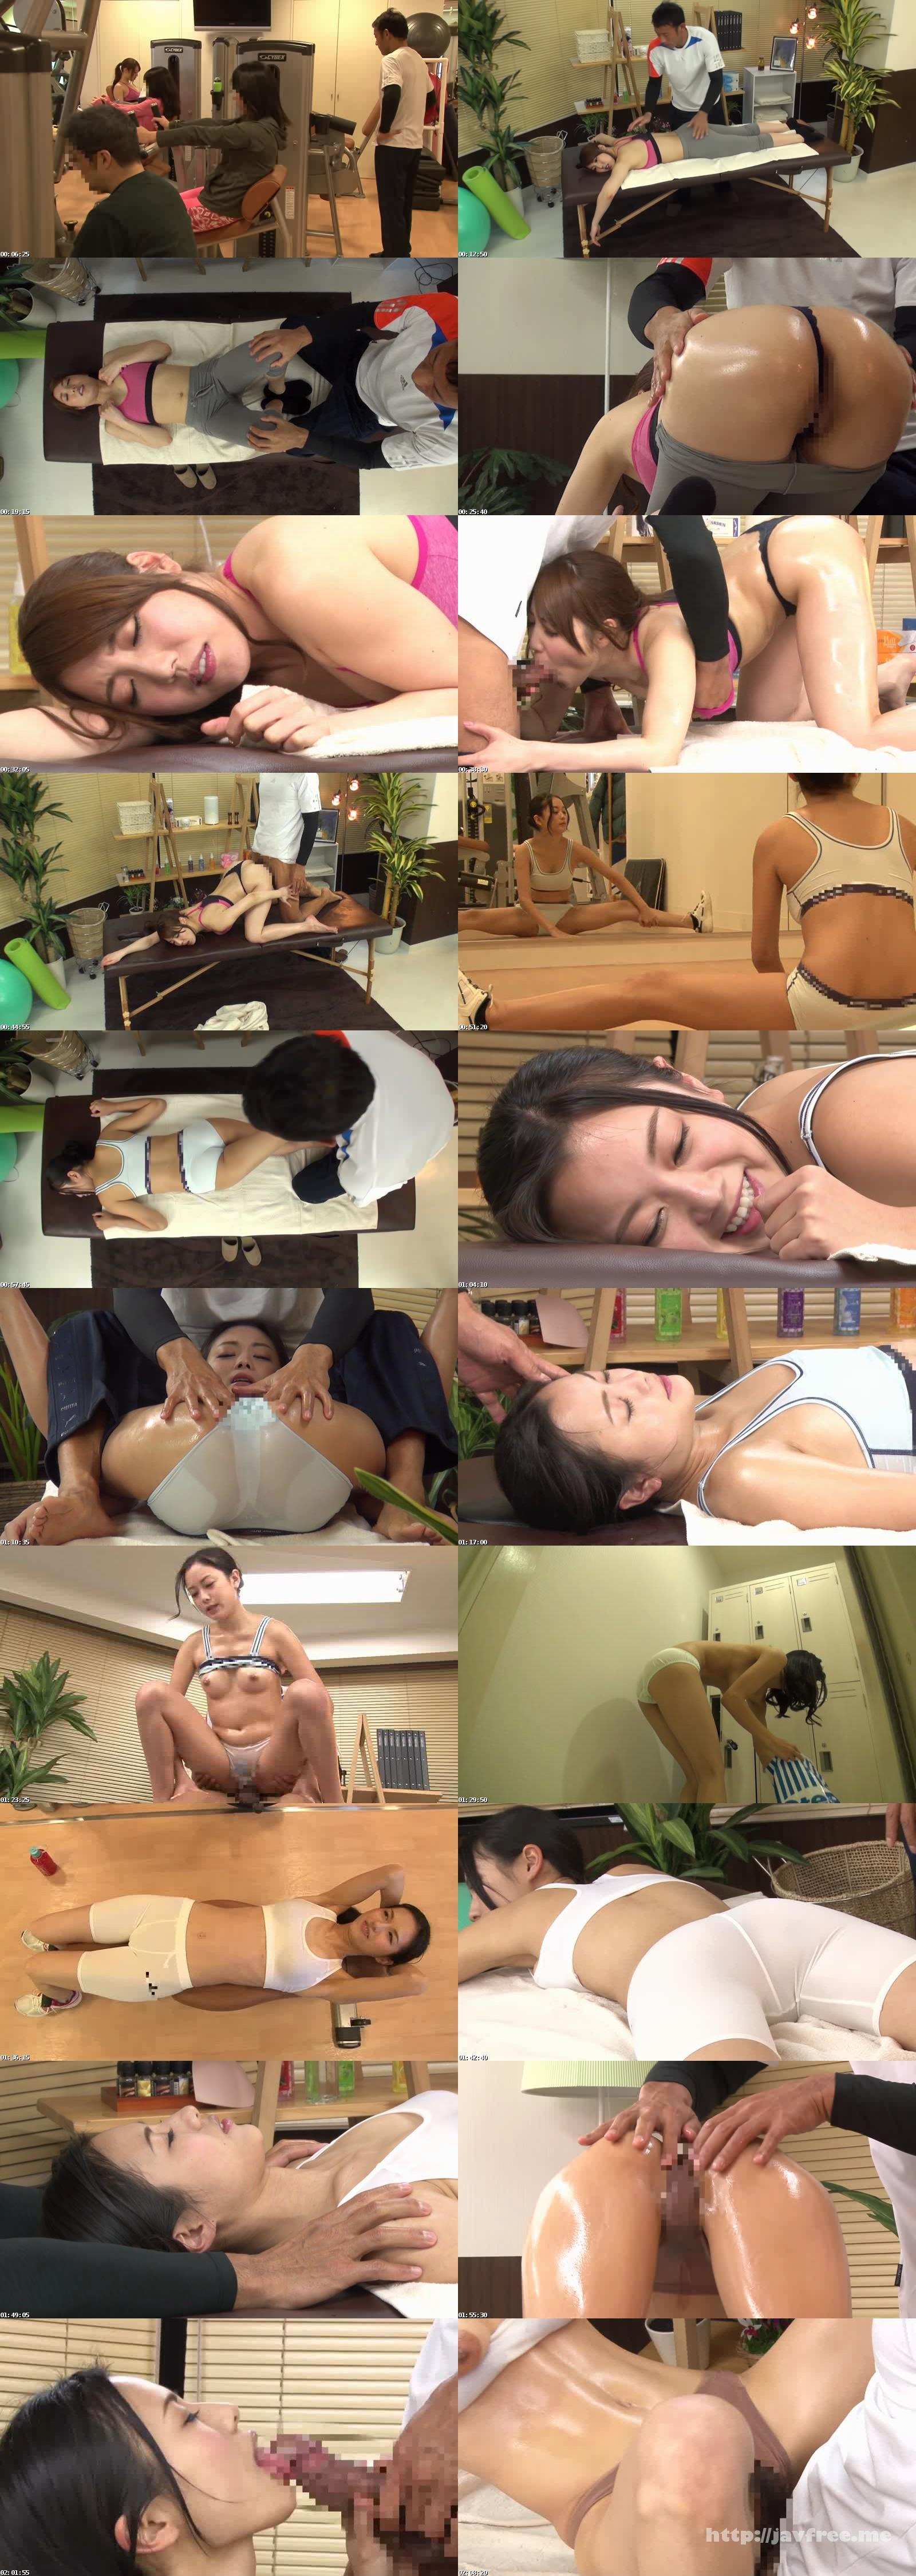 [HAR-006] ジムで鍛え抜かれ引き締まった筋肉BODYに興奮され、マッサージルームでオイルエステに悶え感じさせられる女たち - image HAR-006 on https://javfree.me